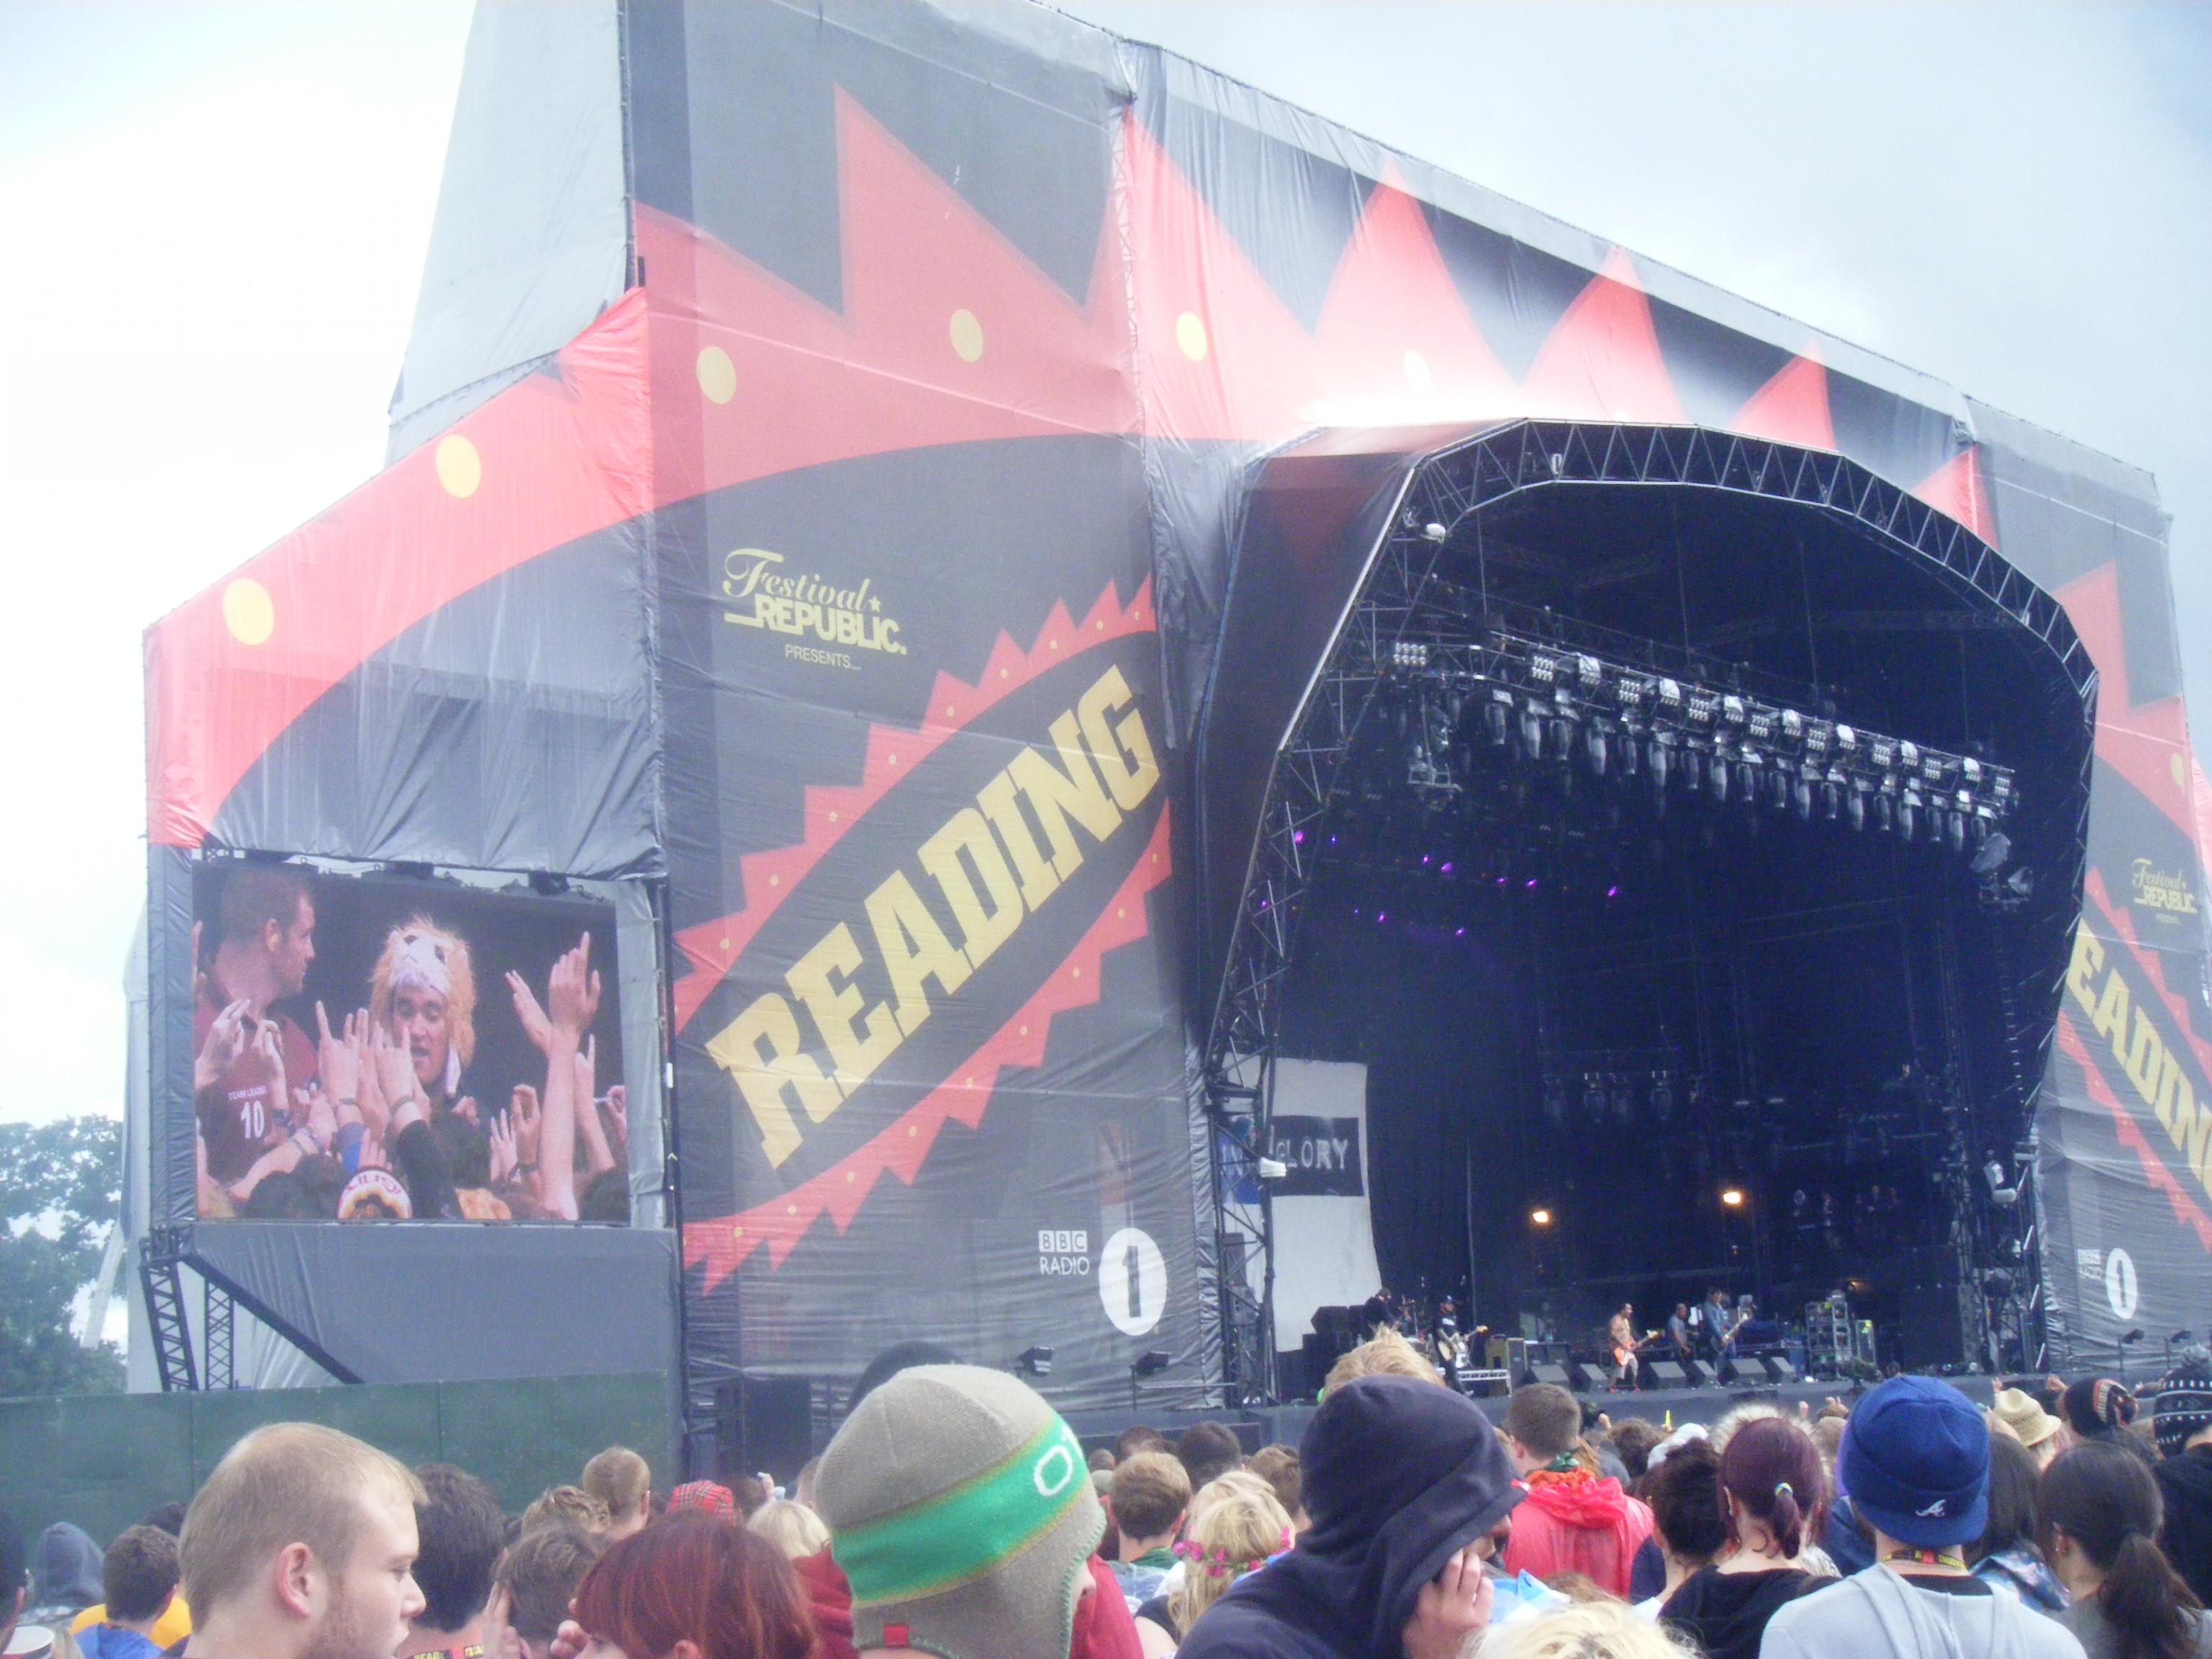 - [Concert] Reading Festival - vendredi 26 aout 2011 dscf3608